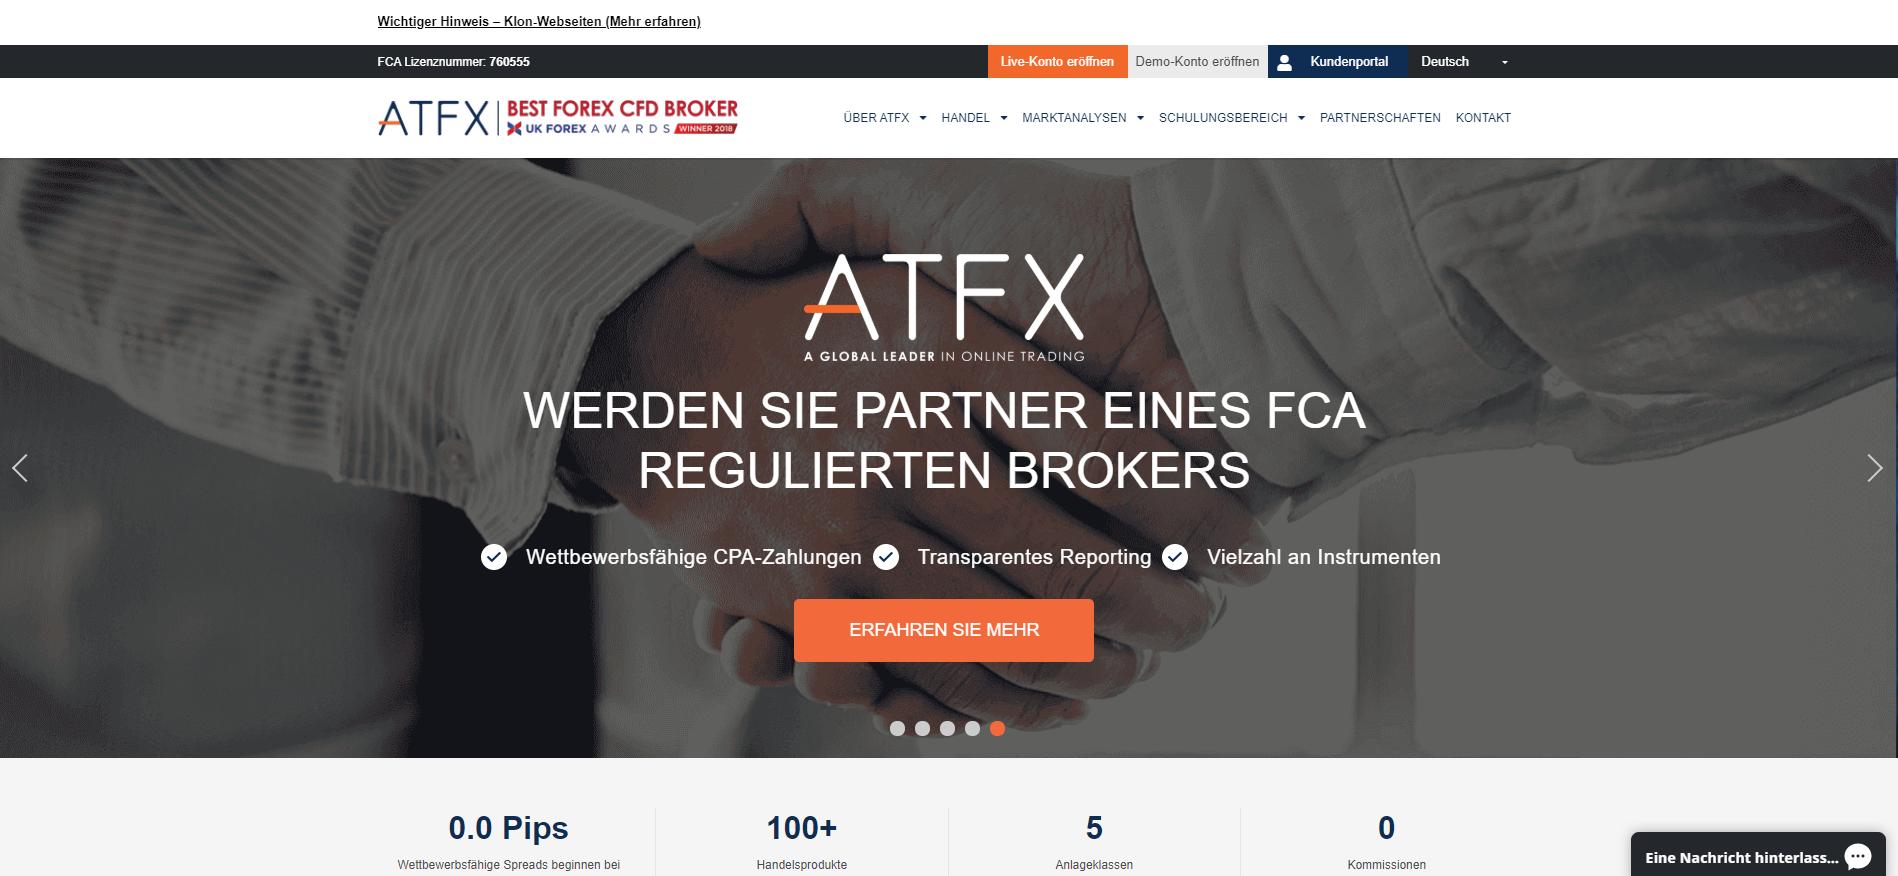 Offizielle Webseite von ATFX